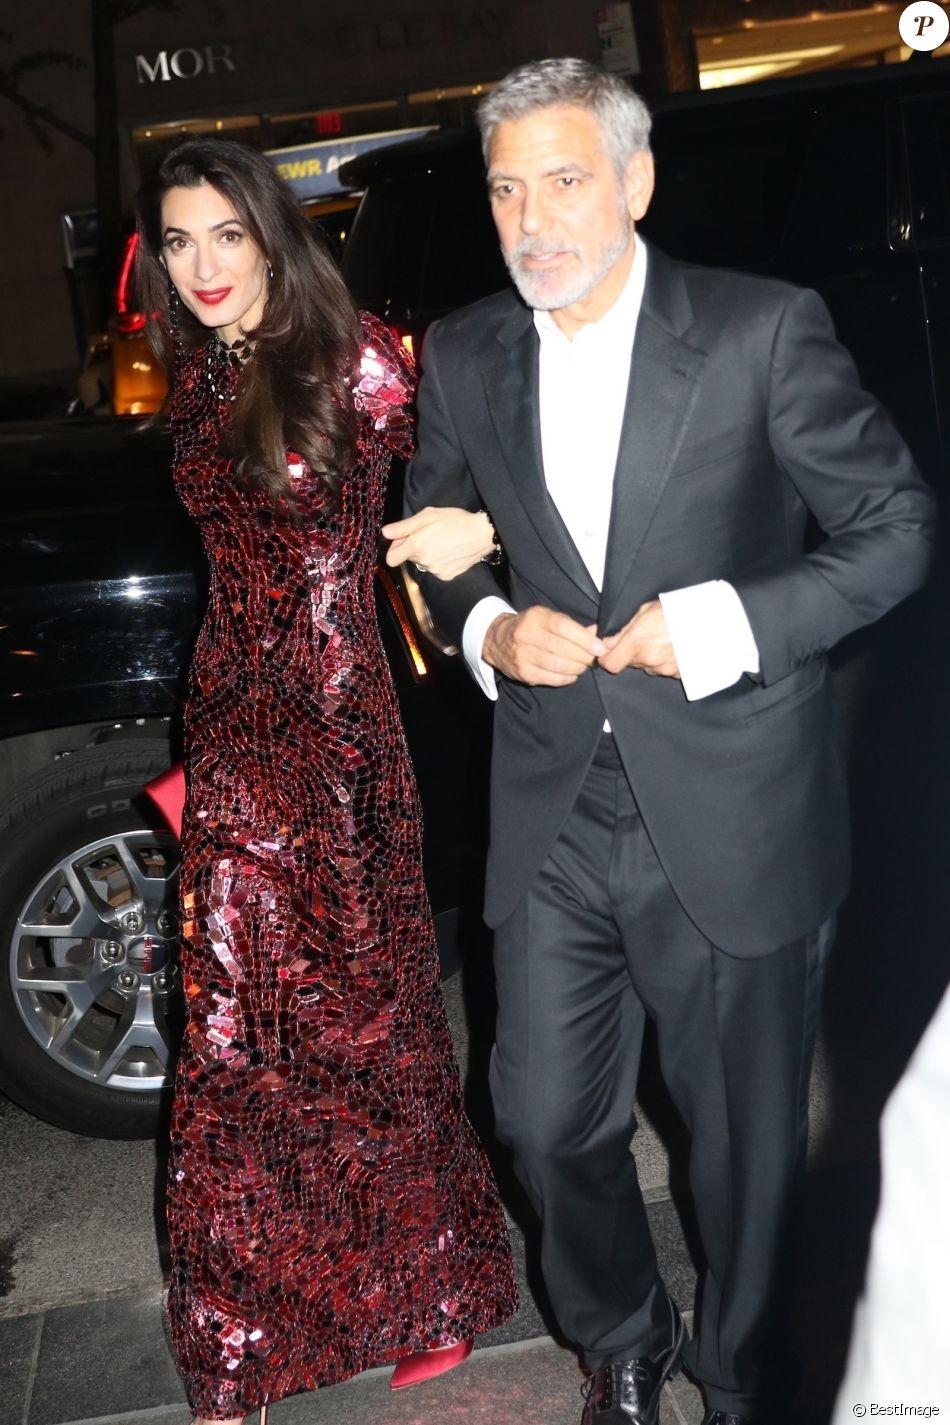 George Clooney et sa femme Amal retournent à leur hôtel après la soirée Met Gala (Met Ball, Costume Institute Benefit) à New York le 8 mai 2018.